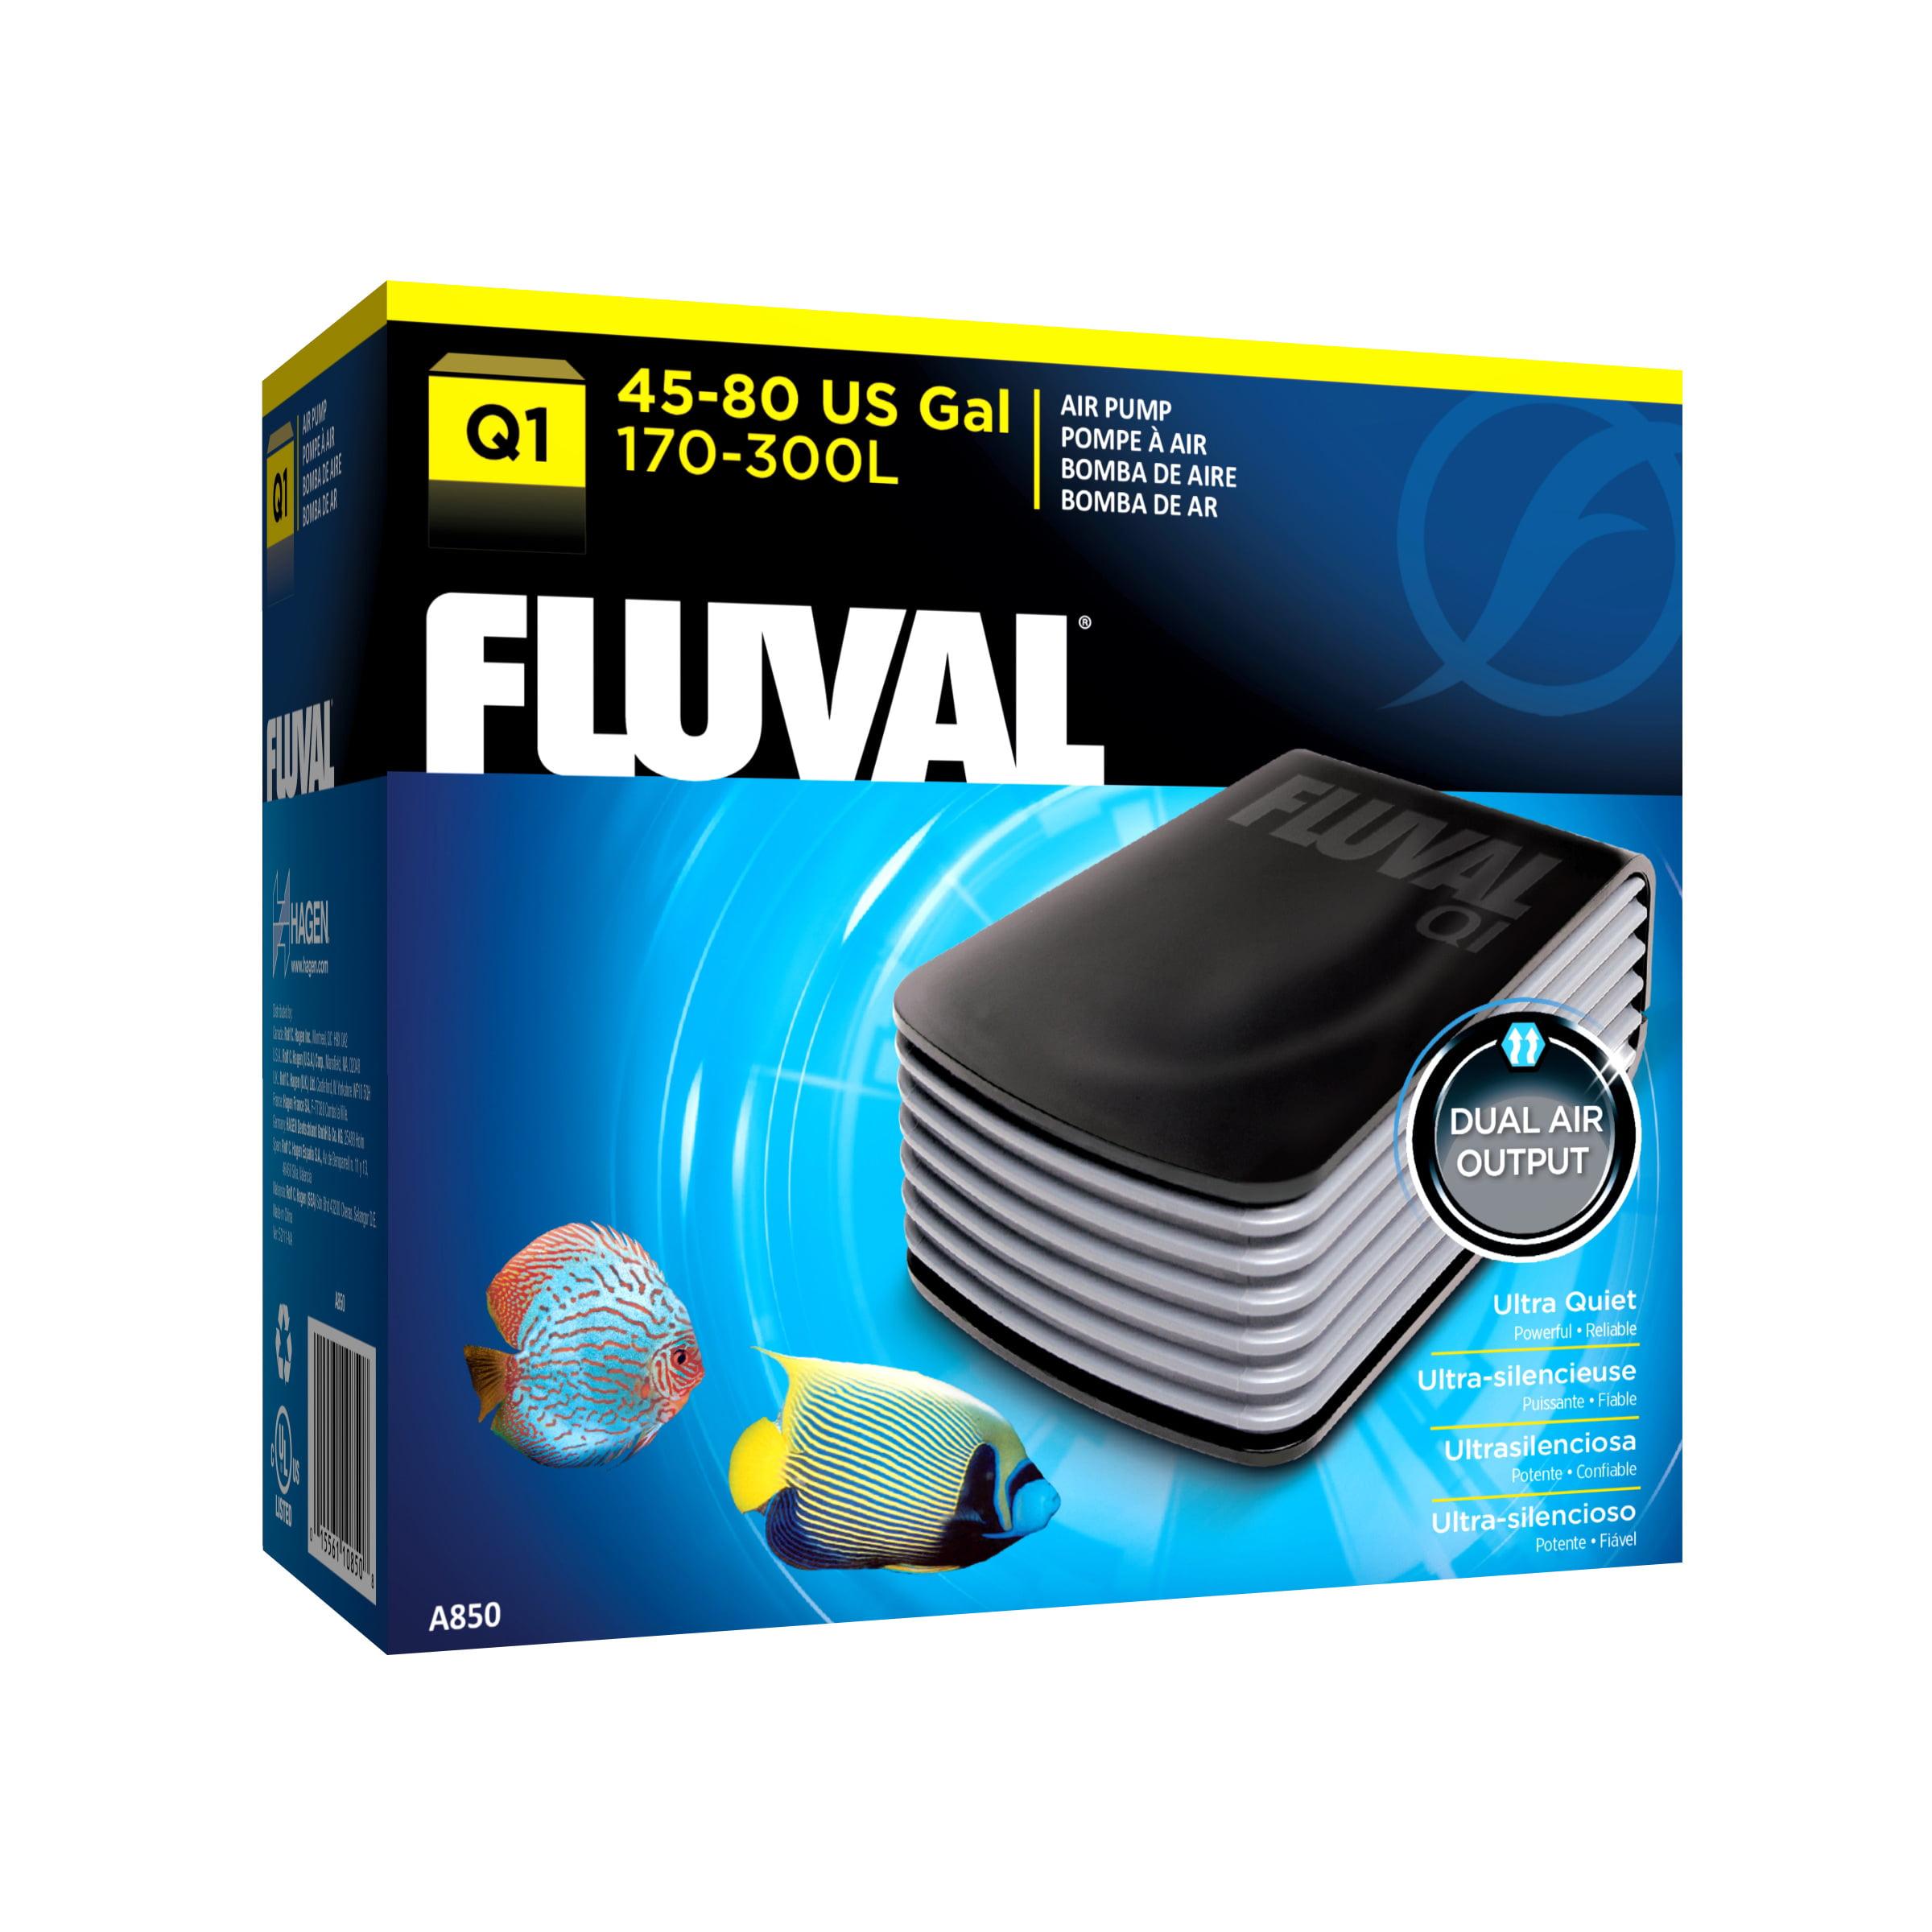 Fluval Q1 Air Pump by Hagen